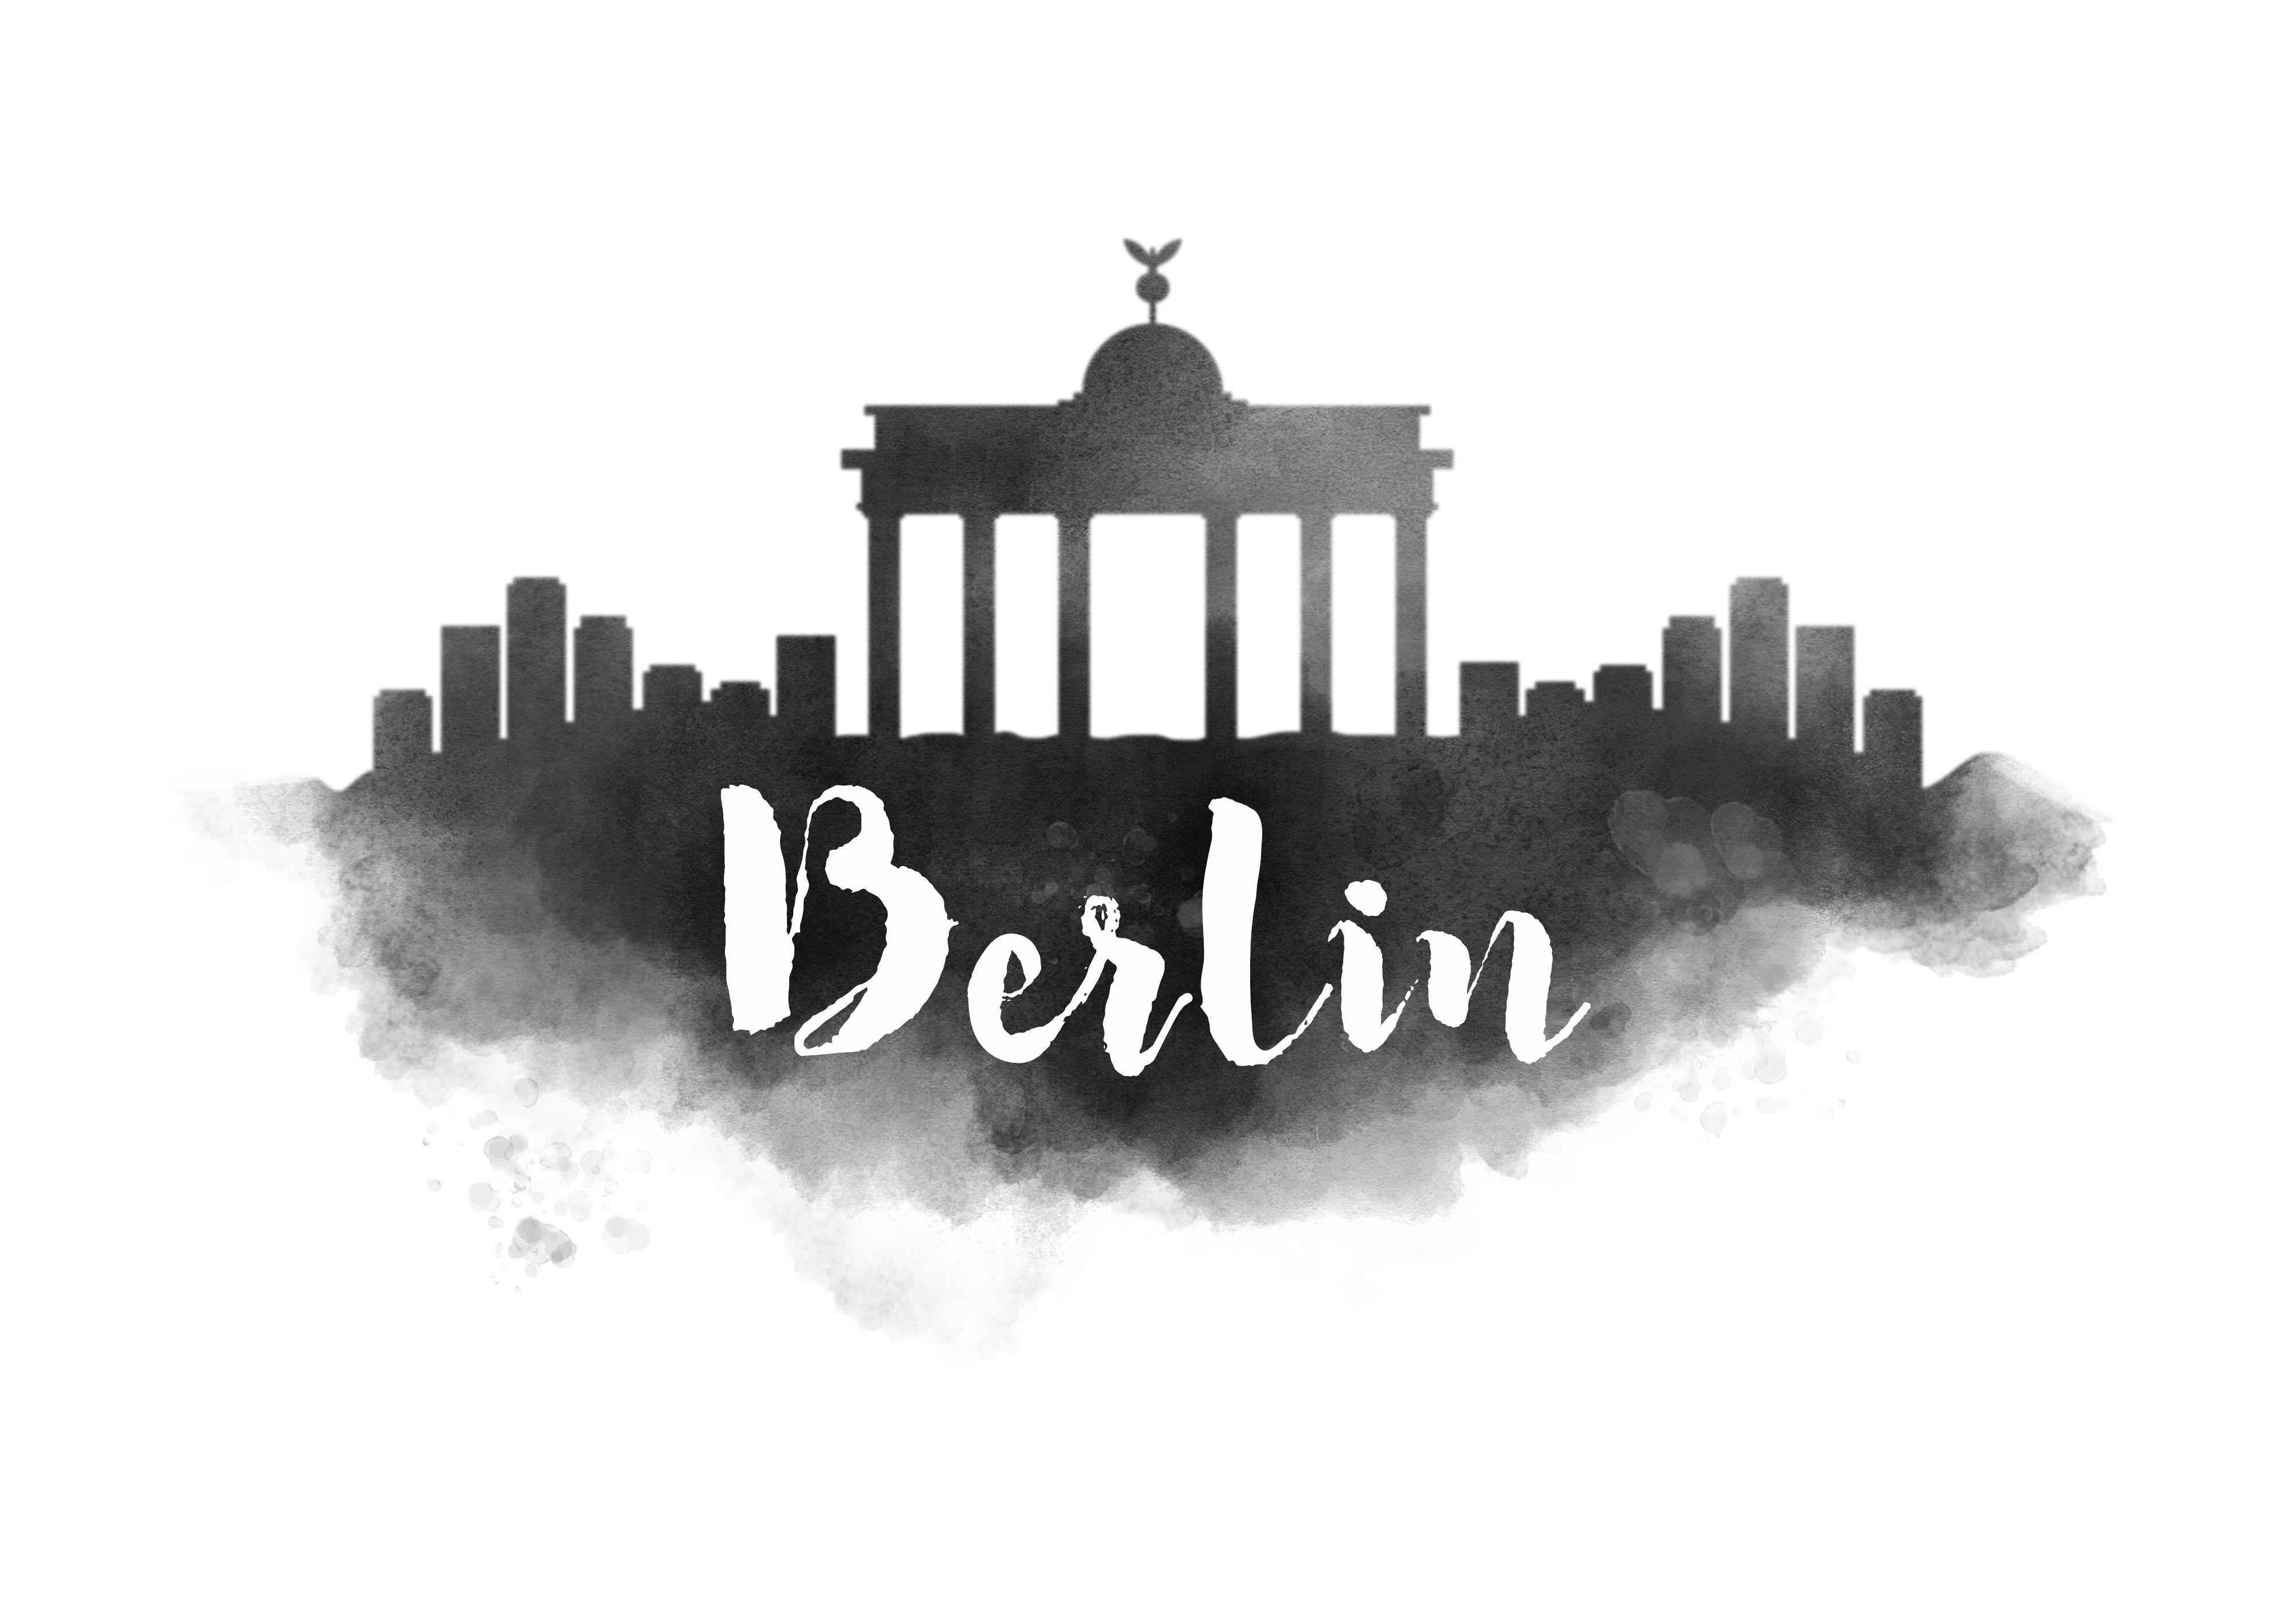 Watercolor Berlin Skyline Berlin Phoenixtattoosimple Skyline In 2020 Instagram Bilder Instagram Ideen Bilder